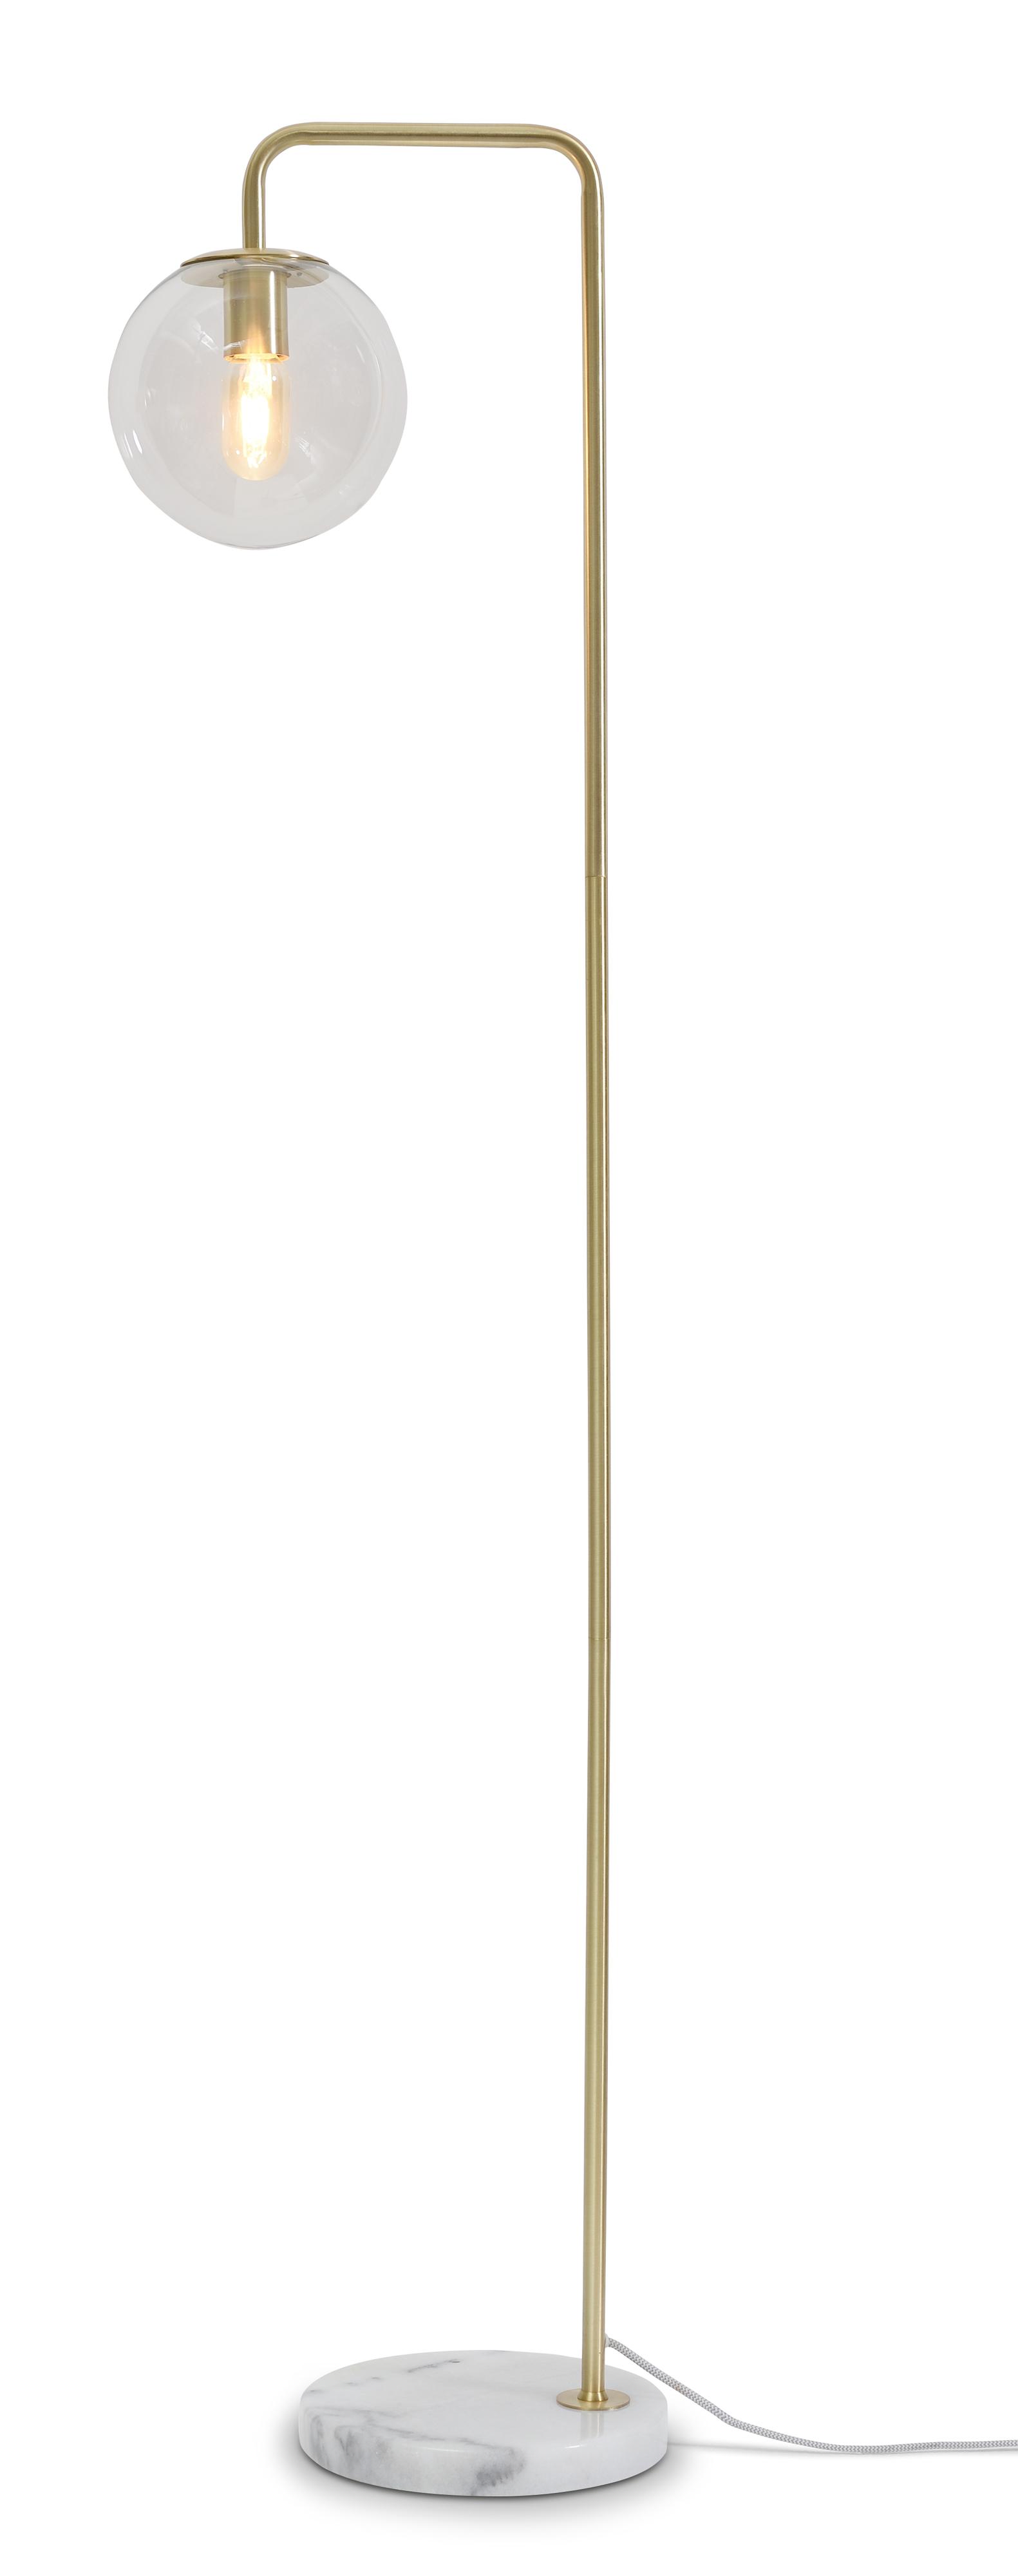 Lampadaire doré H156cm